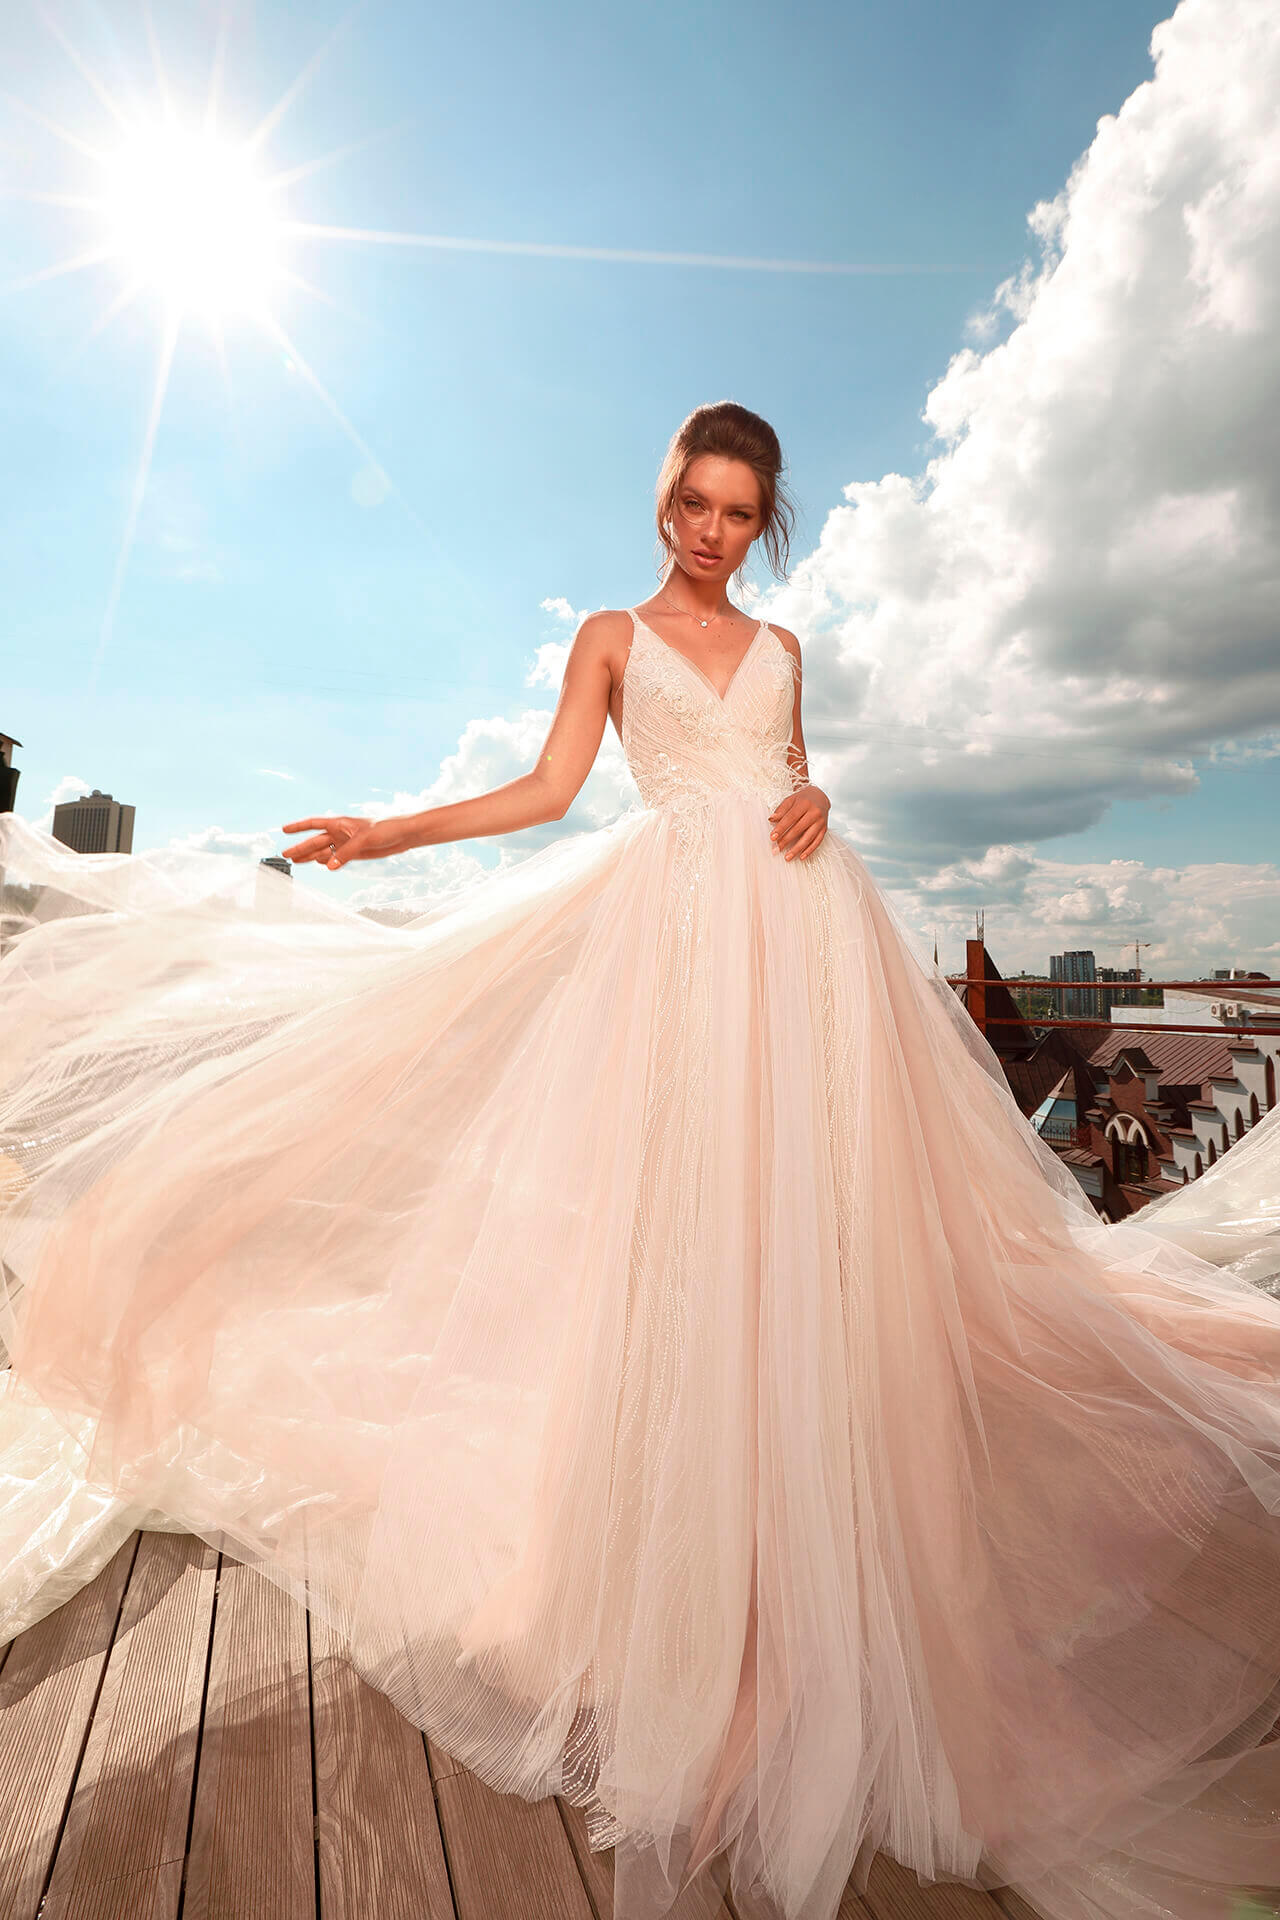 Свадебное платье Caprice, Коллекция Cloudy dreams, Anne-Mariée